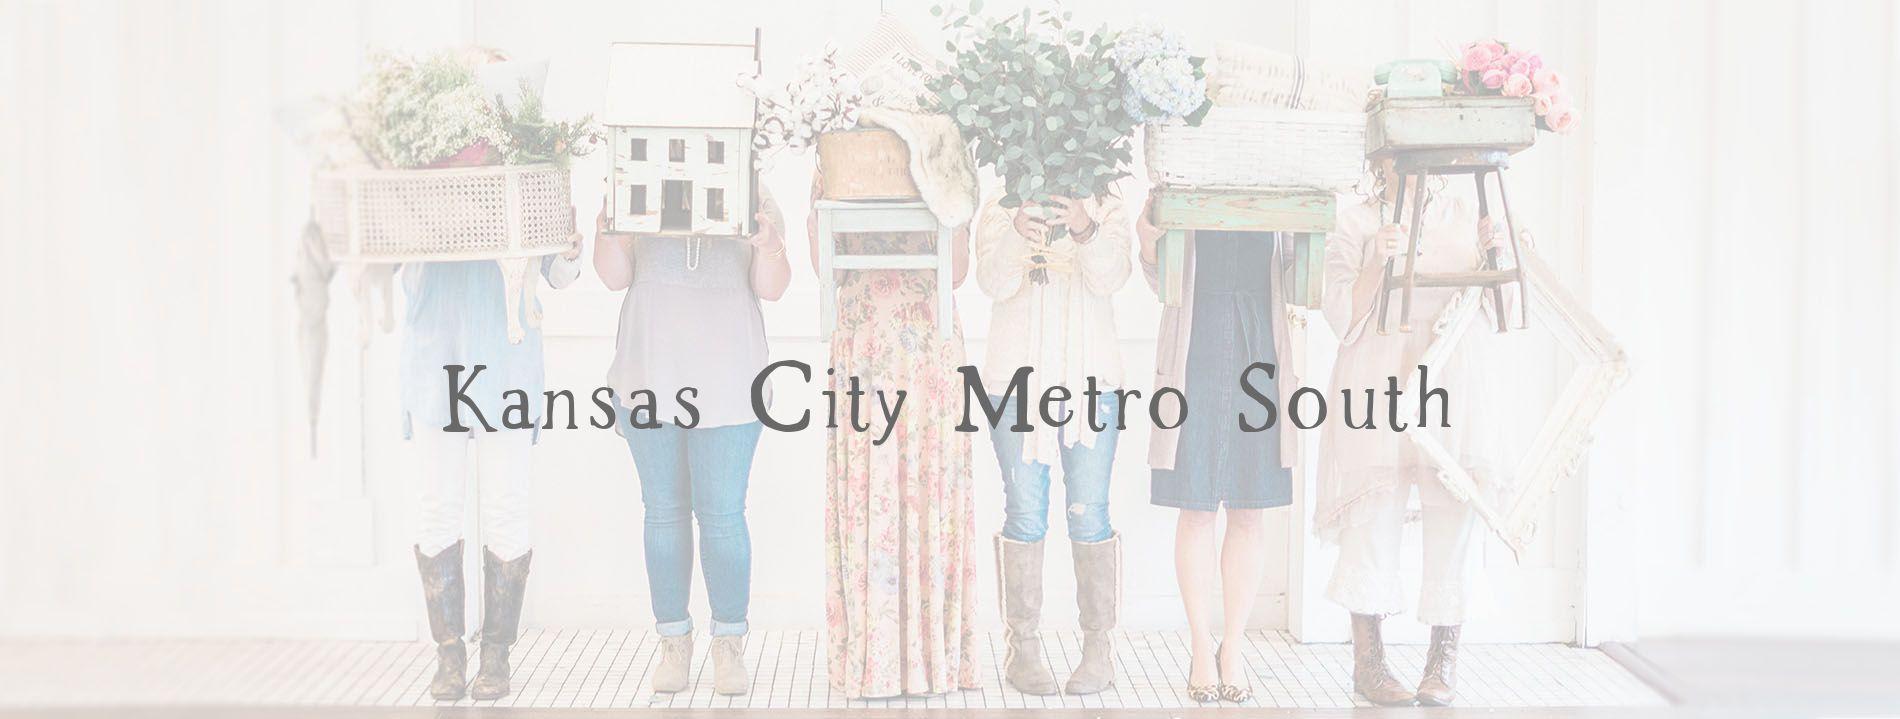 Kansas City Metro South